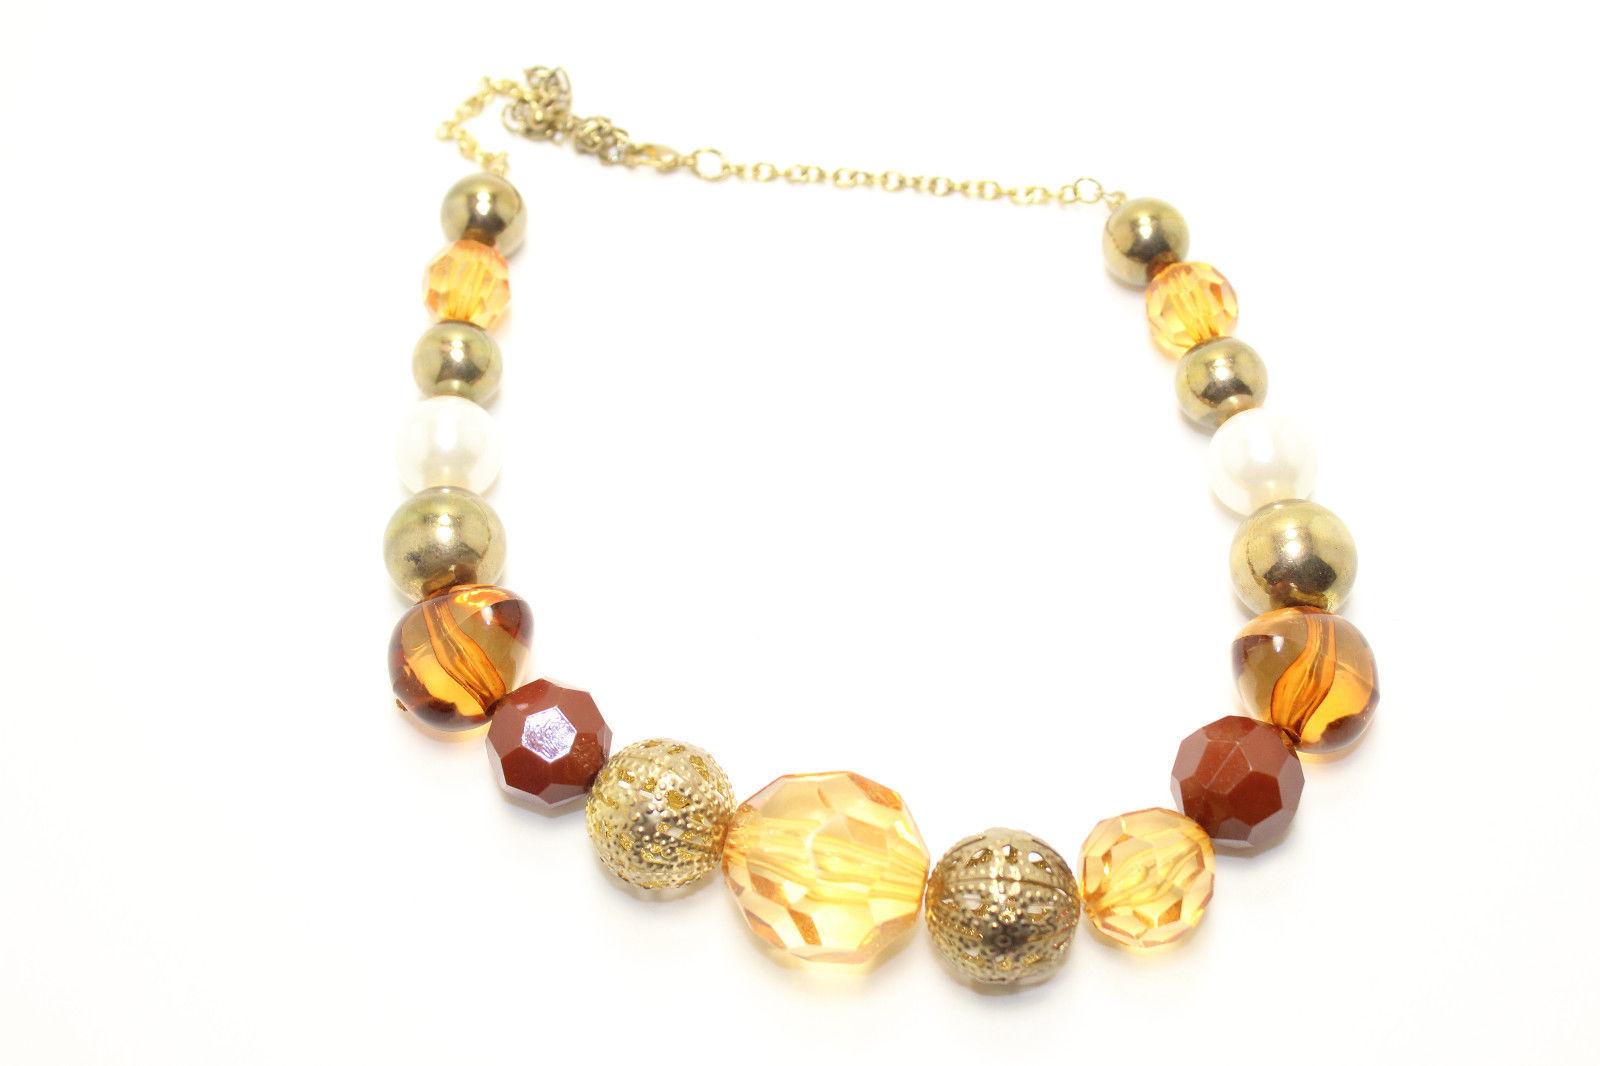 12 Piece Beaded Necklace & Bracelet Bangle lot